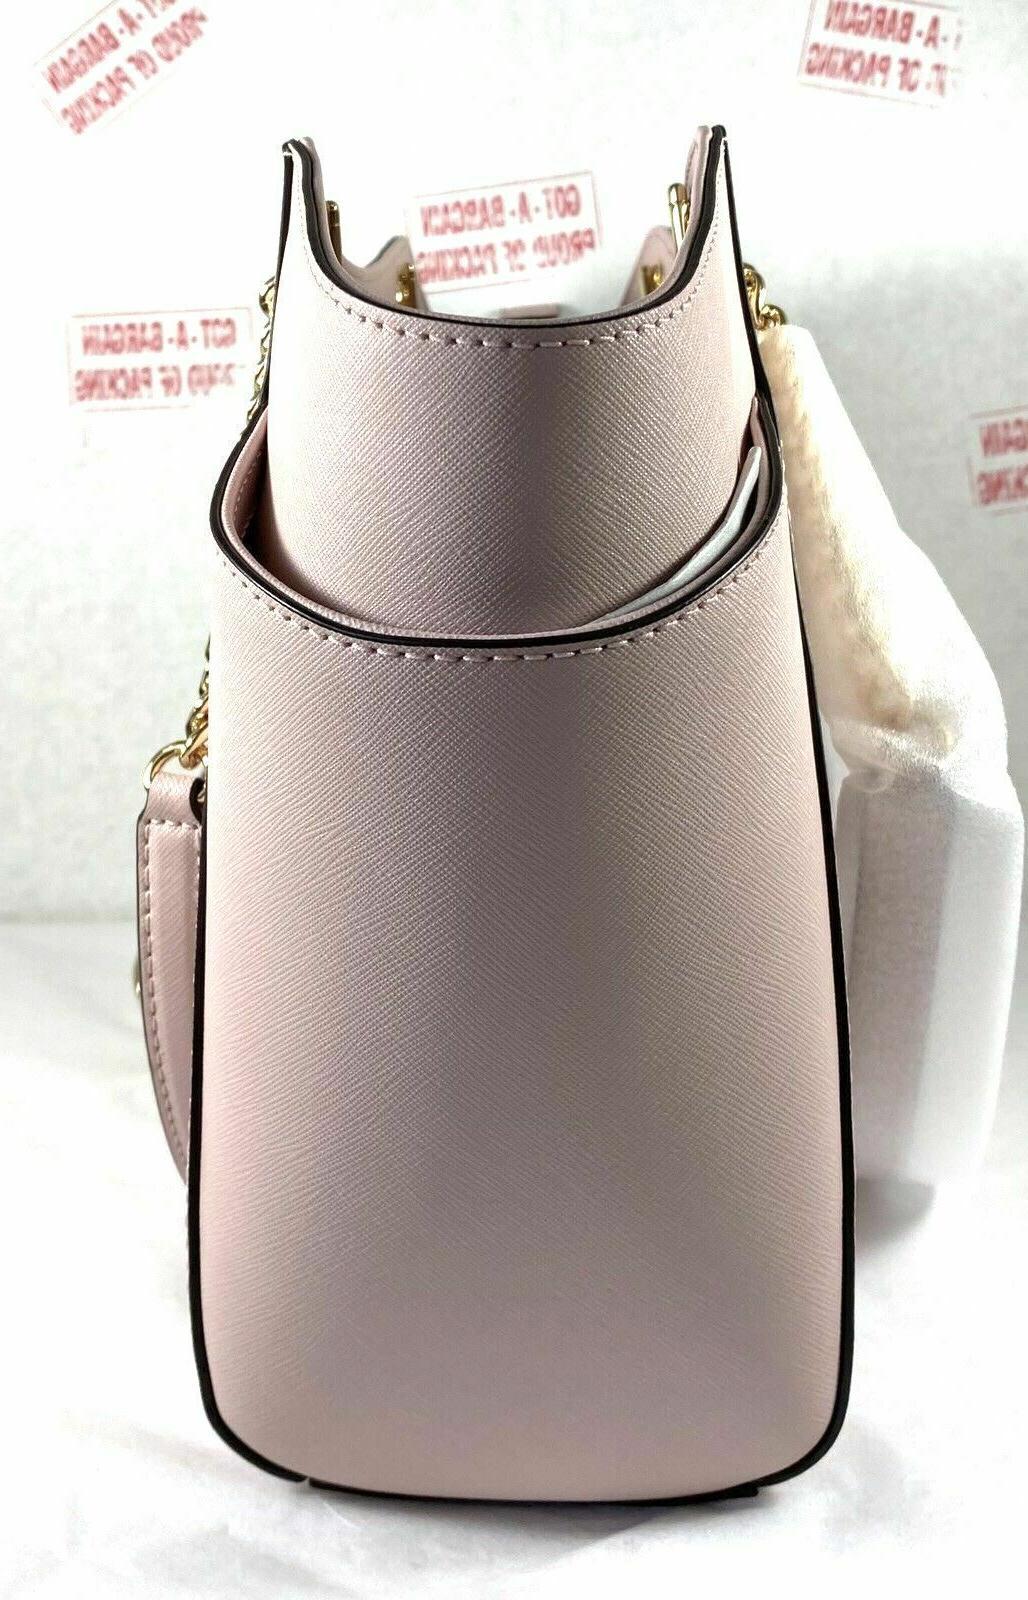 Michael Kors Chain Saffiano Large Shoulder